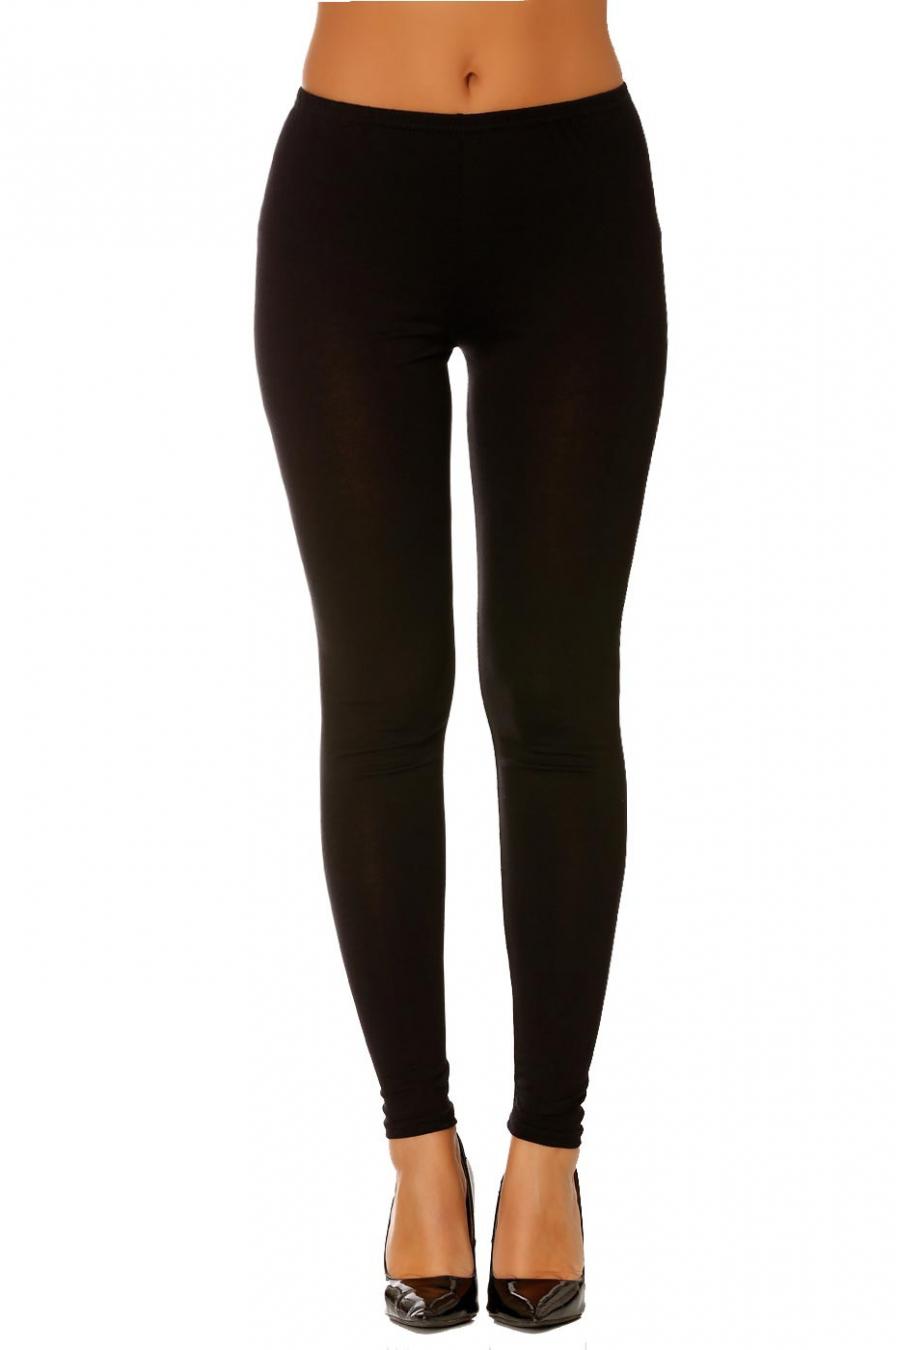 Leggings uni basique couleur Noir  .